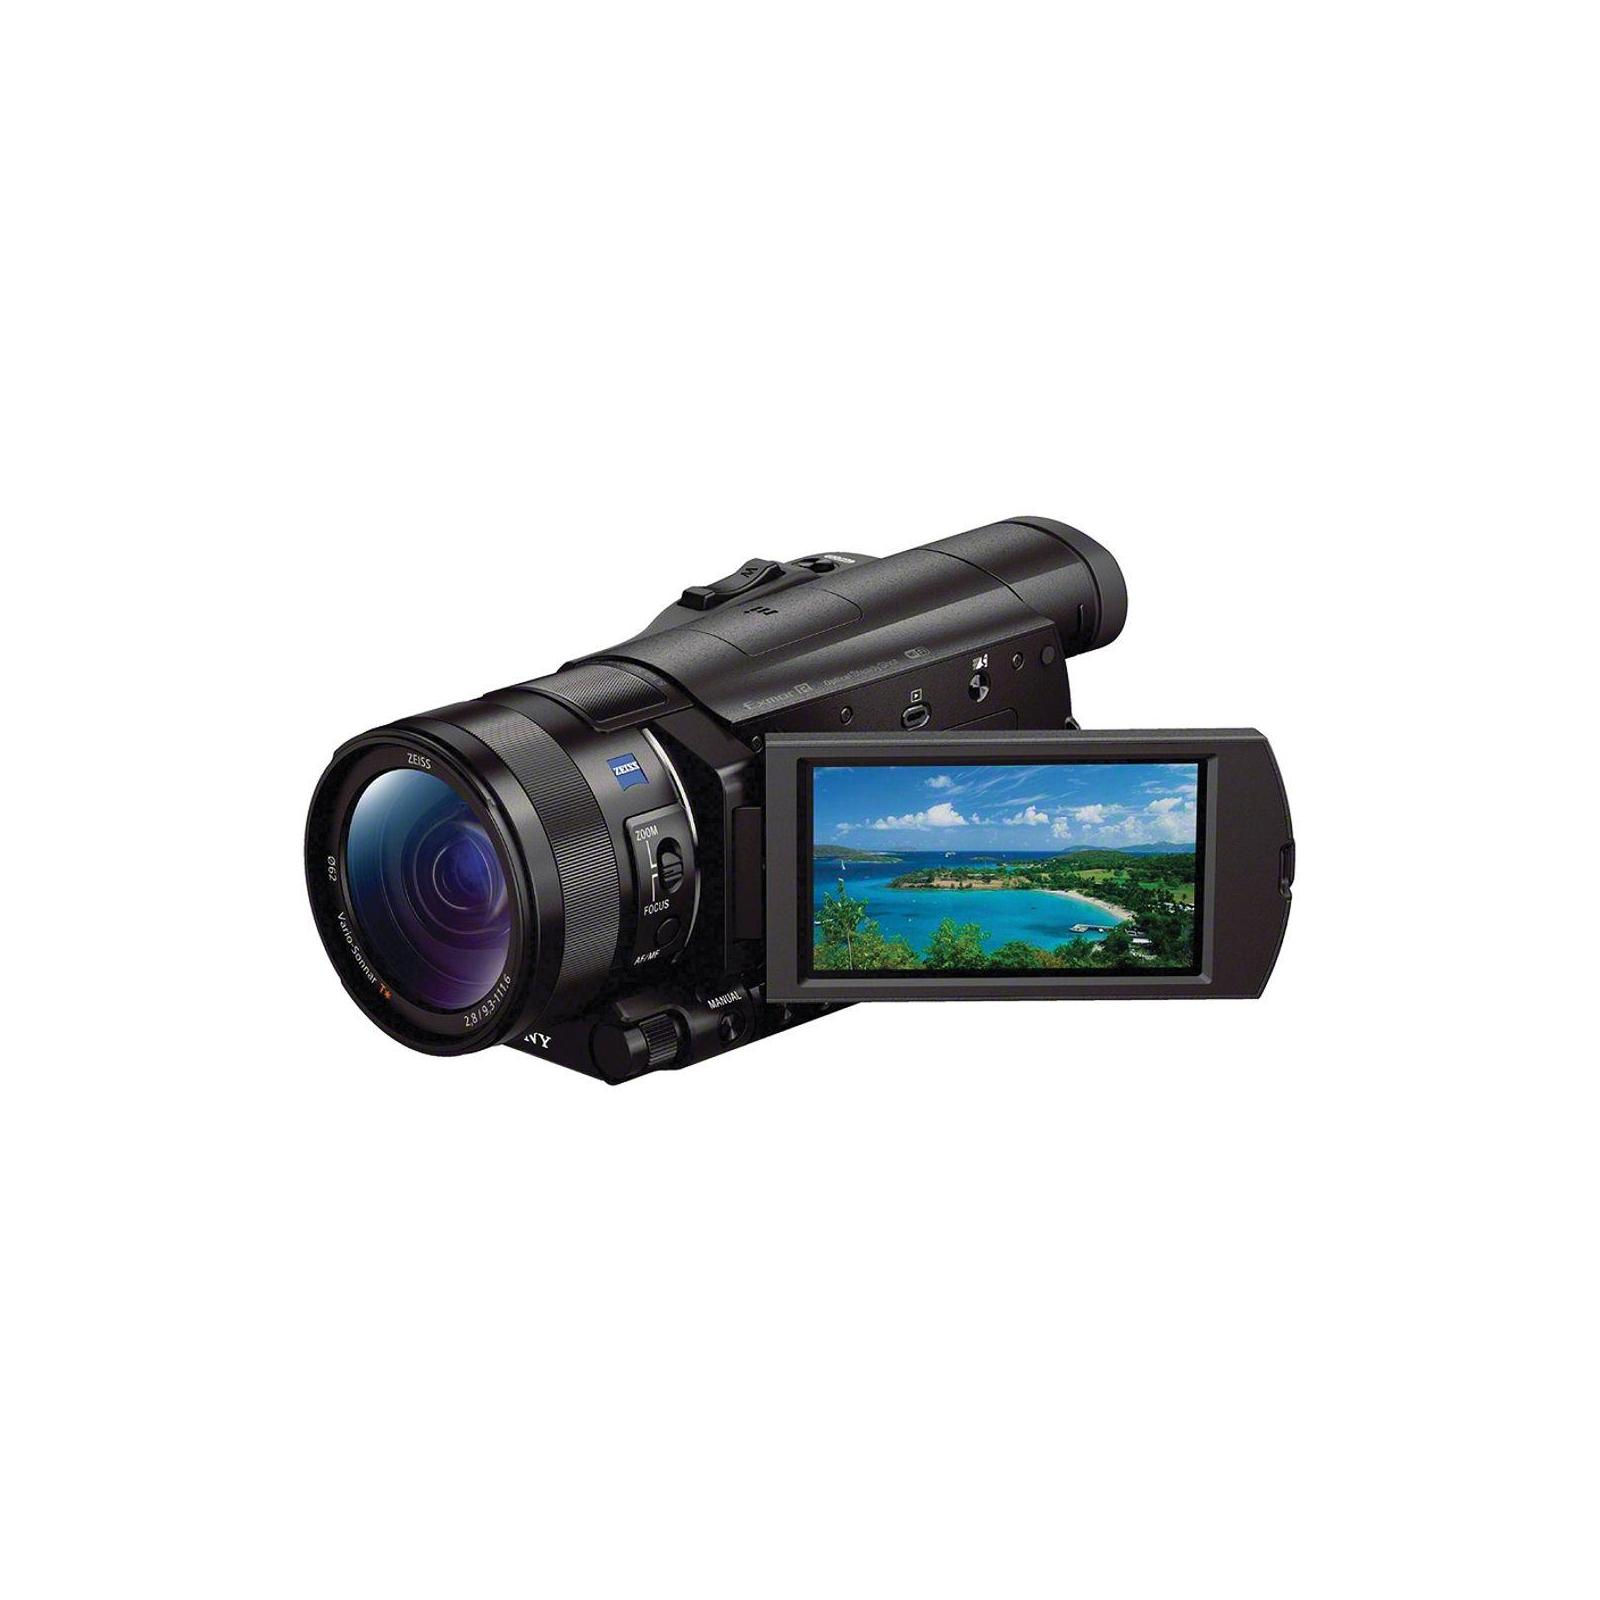 Цифровая видеокамера Sony Handycam FDR-AX700 Black (FDRAX700B.CEE) изображение 4